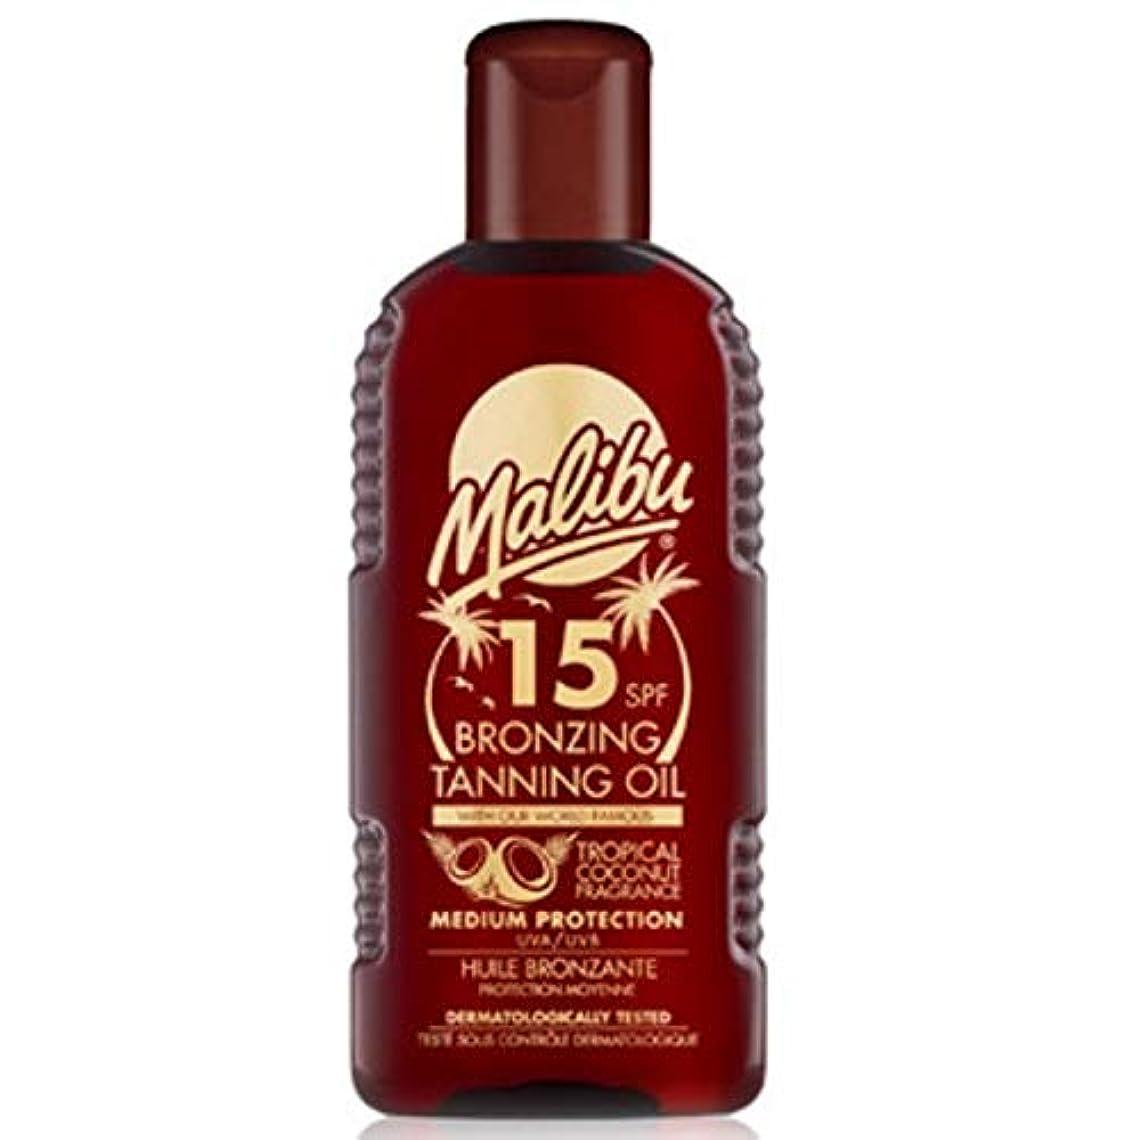 助言するクマノミ追加[Malibu ] マリブブロンズ日焼けオイルSpf 15 - Malibu Bronzing Tanning Oil SPF 15 [並行輸入品]